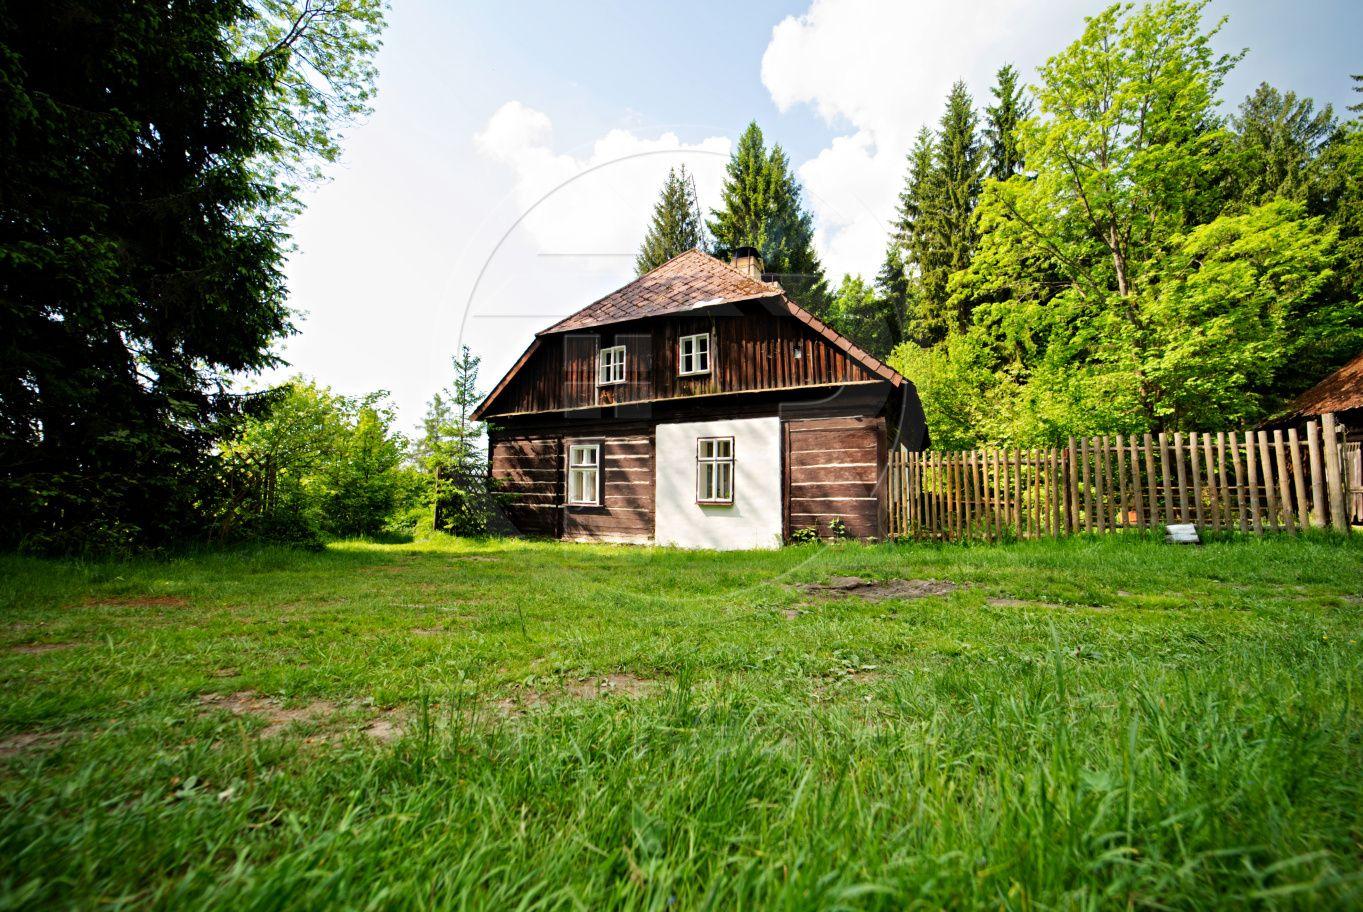 Prodej roubené chaty, 1508m2, Studenec, Oloví